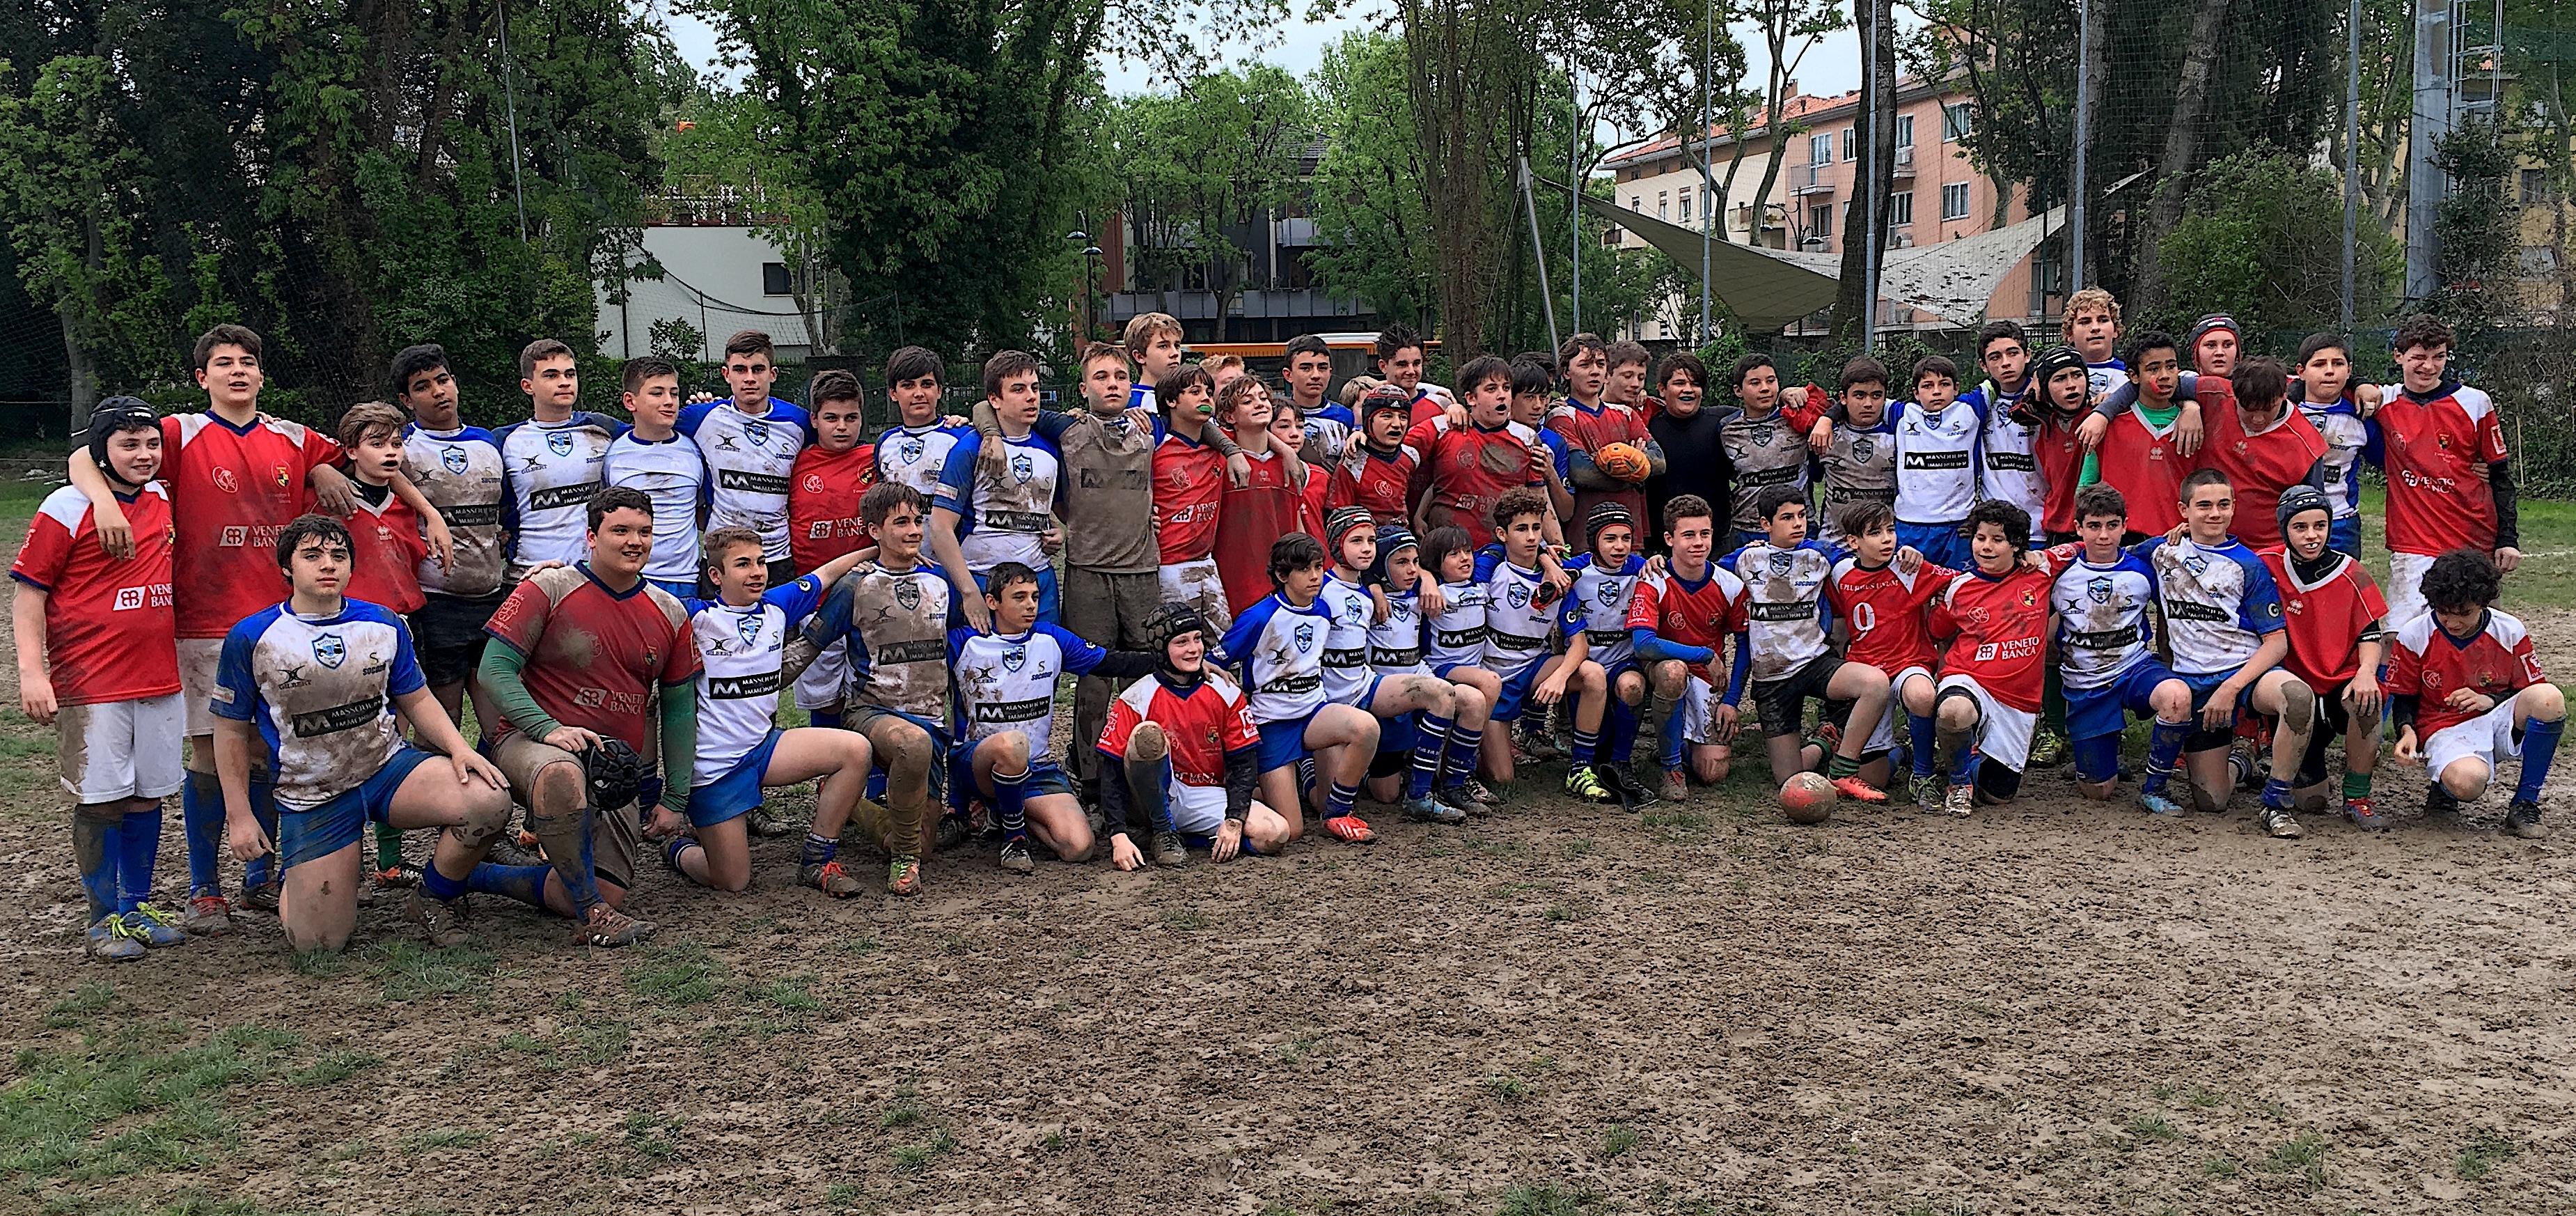 Belgique, Italie : Les jeunes rugbymen corses savent voyager